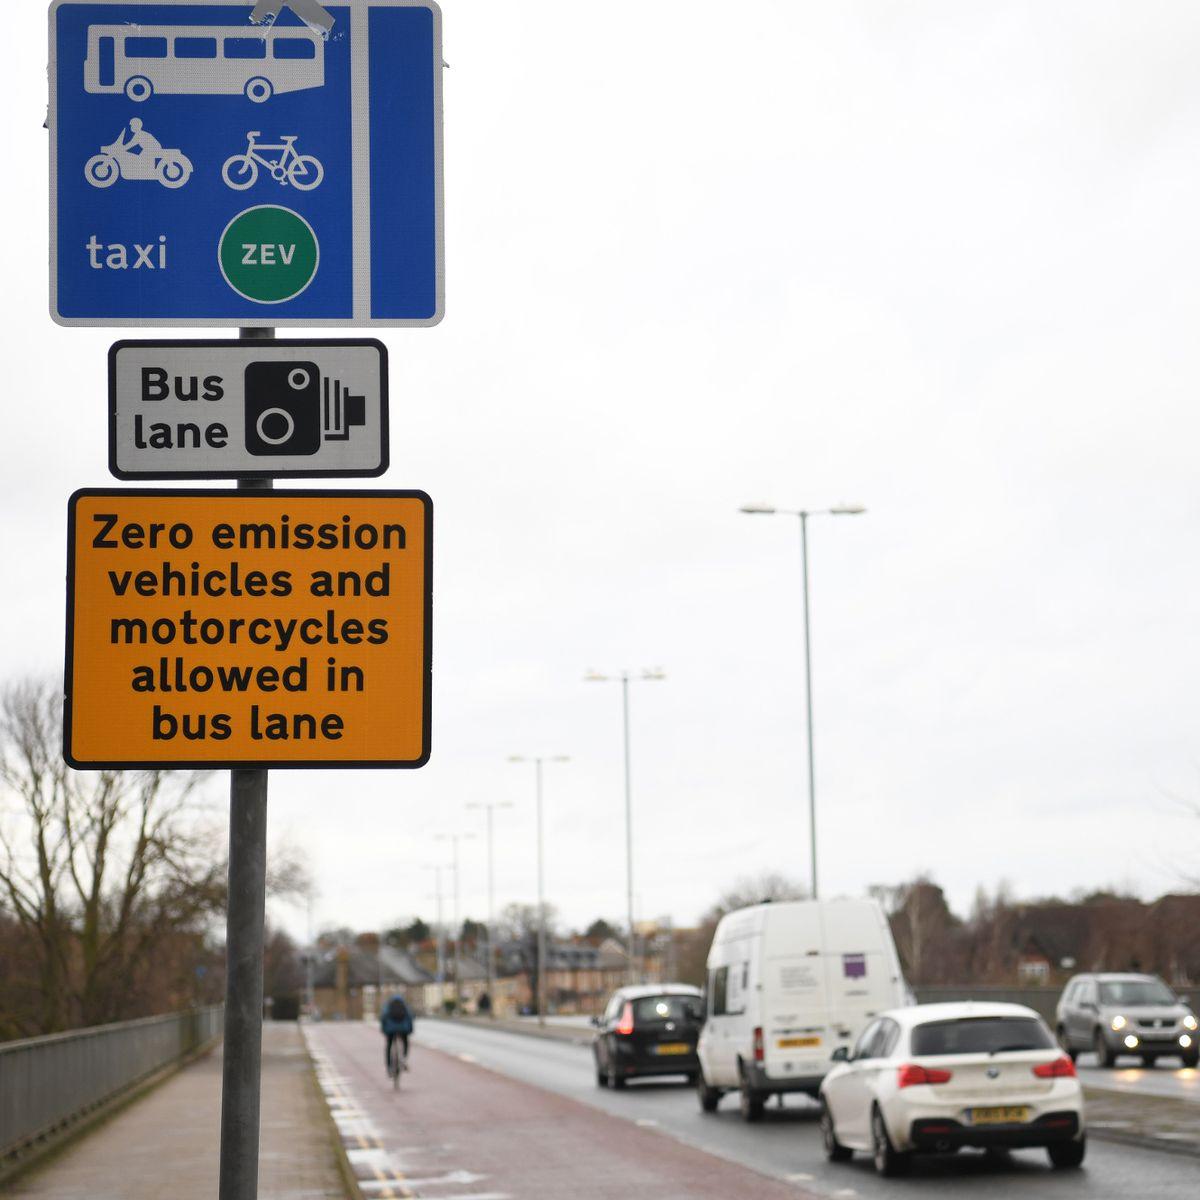 ZEV Bus lane